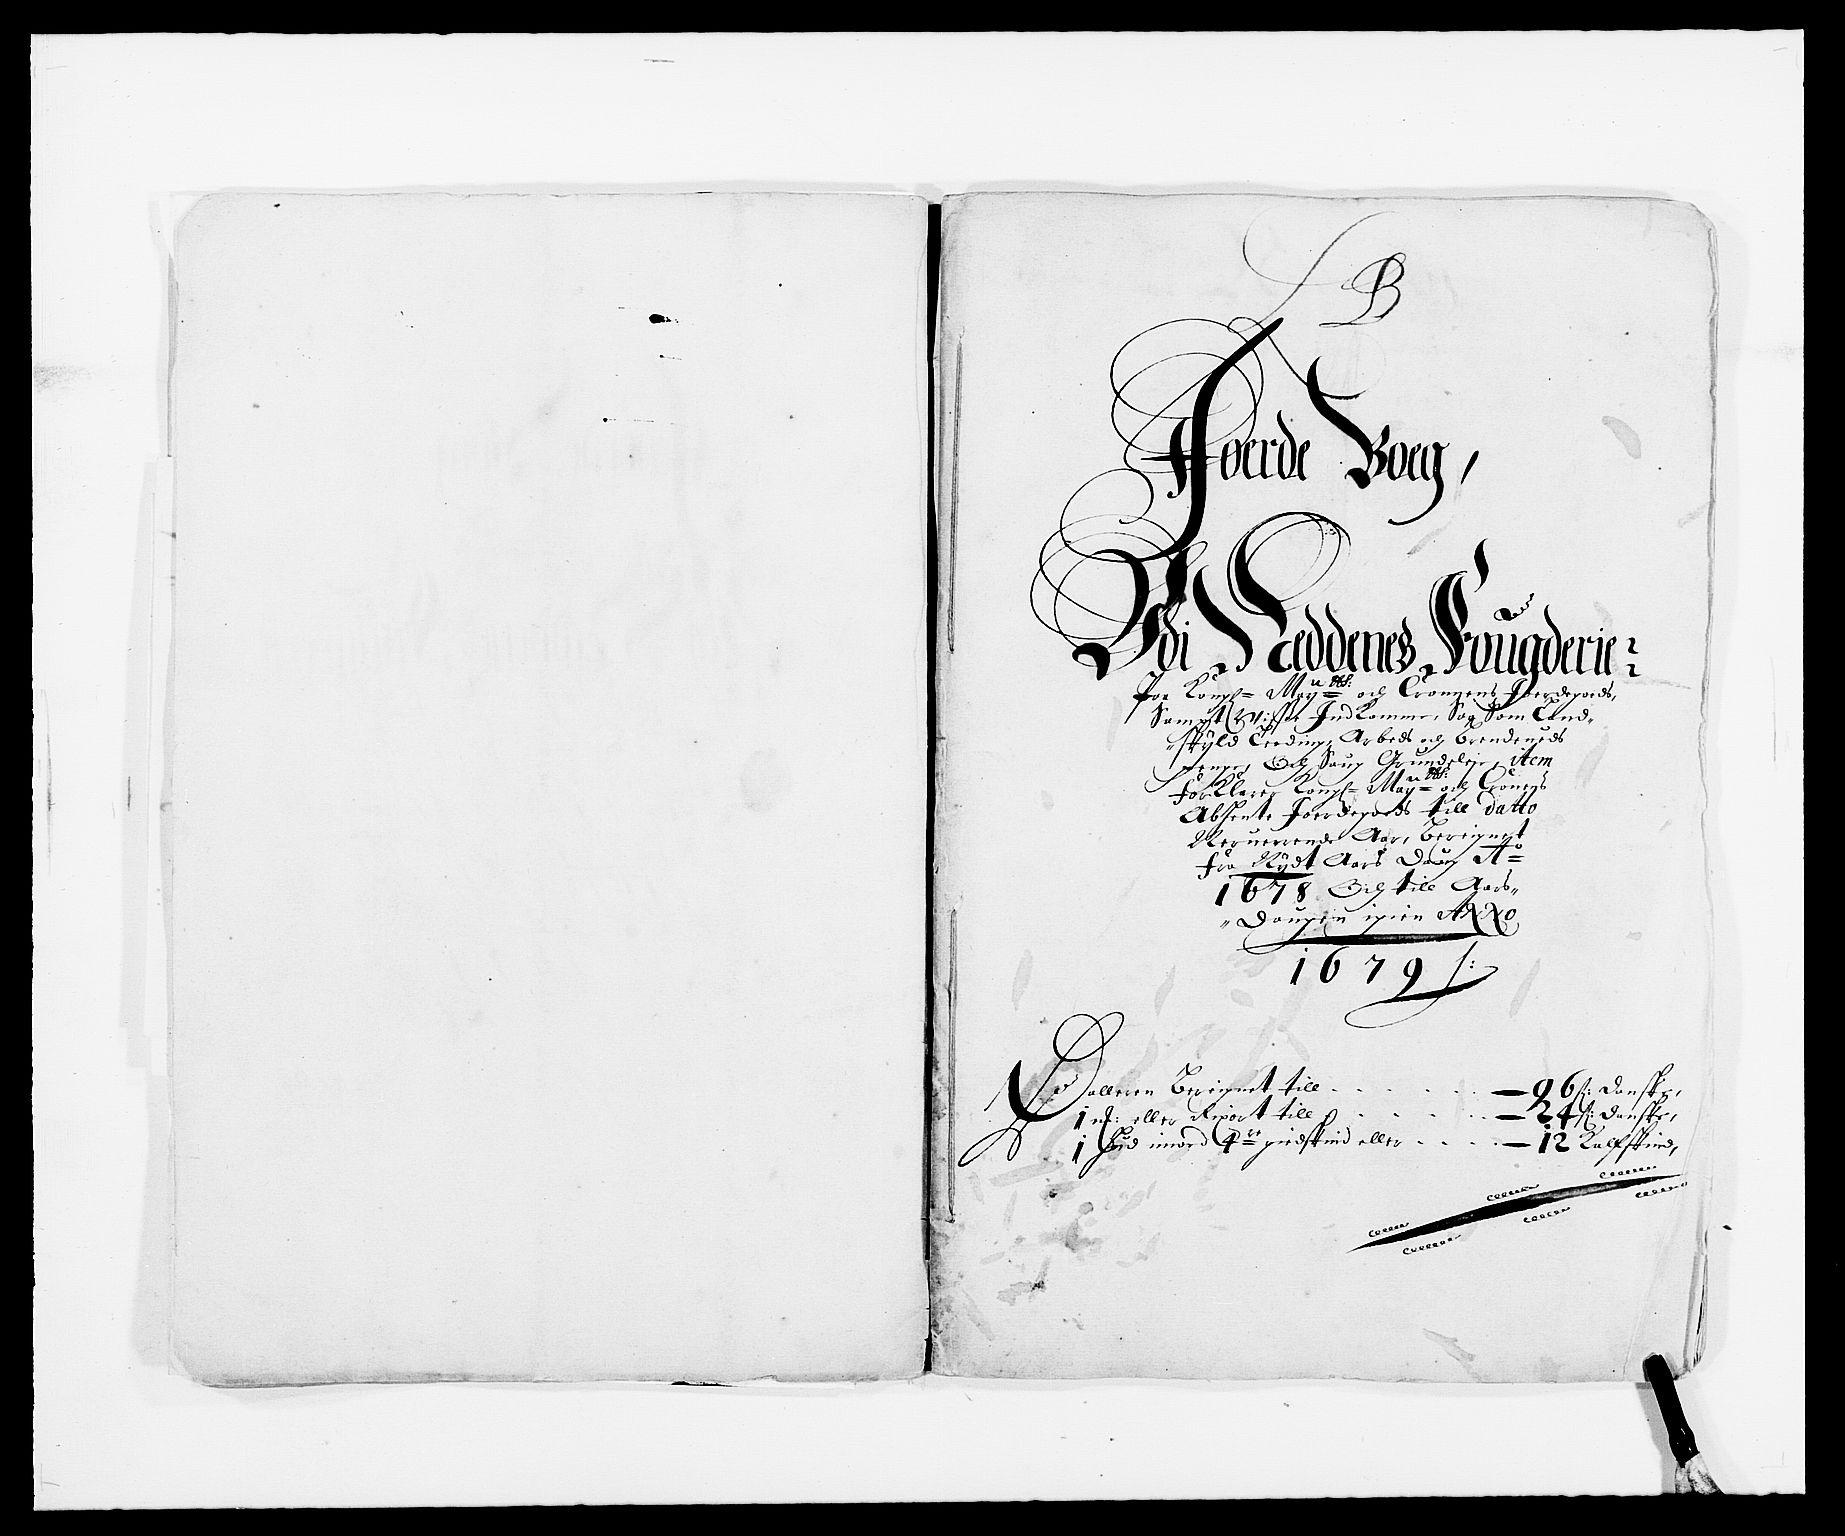 RA, Rentekammeret inntil 1814, Reviderte regnskaper, Fogderegnskap, R39/L2302: Fogderegnskap Nedenes, 1677-1678, s. 201